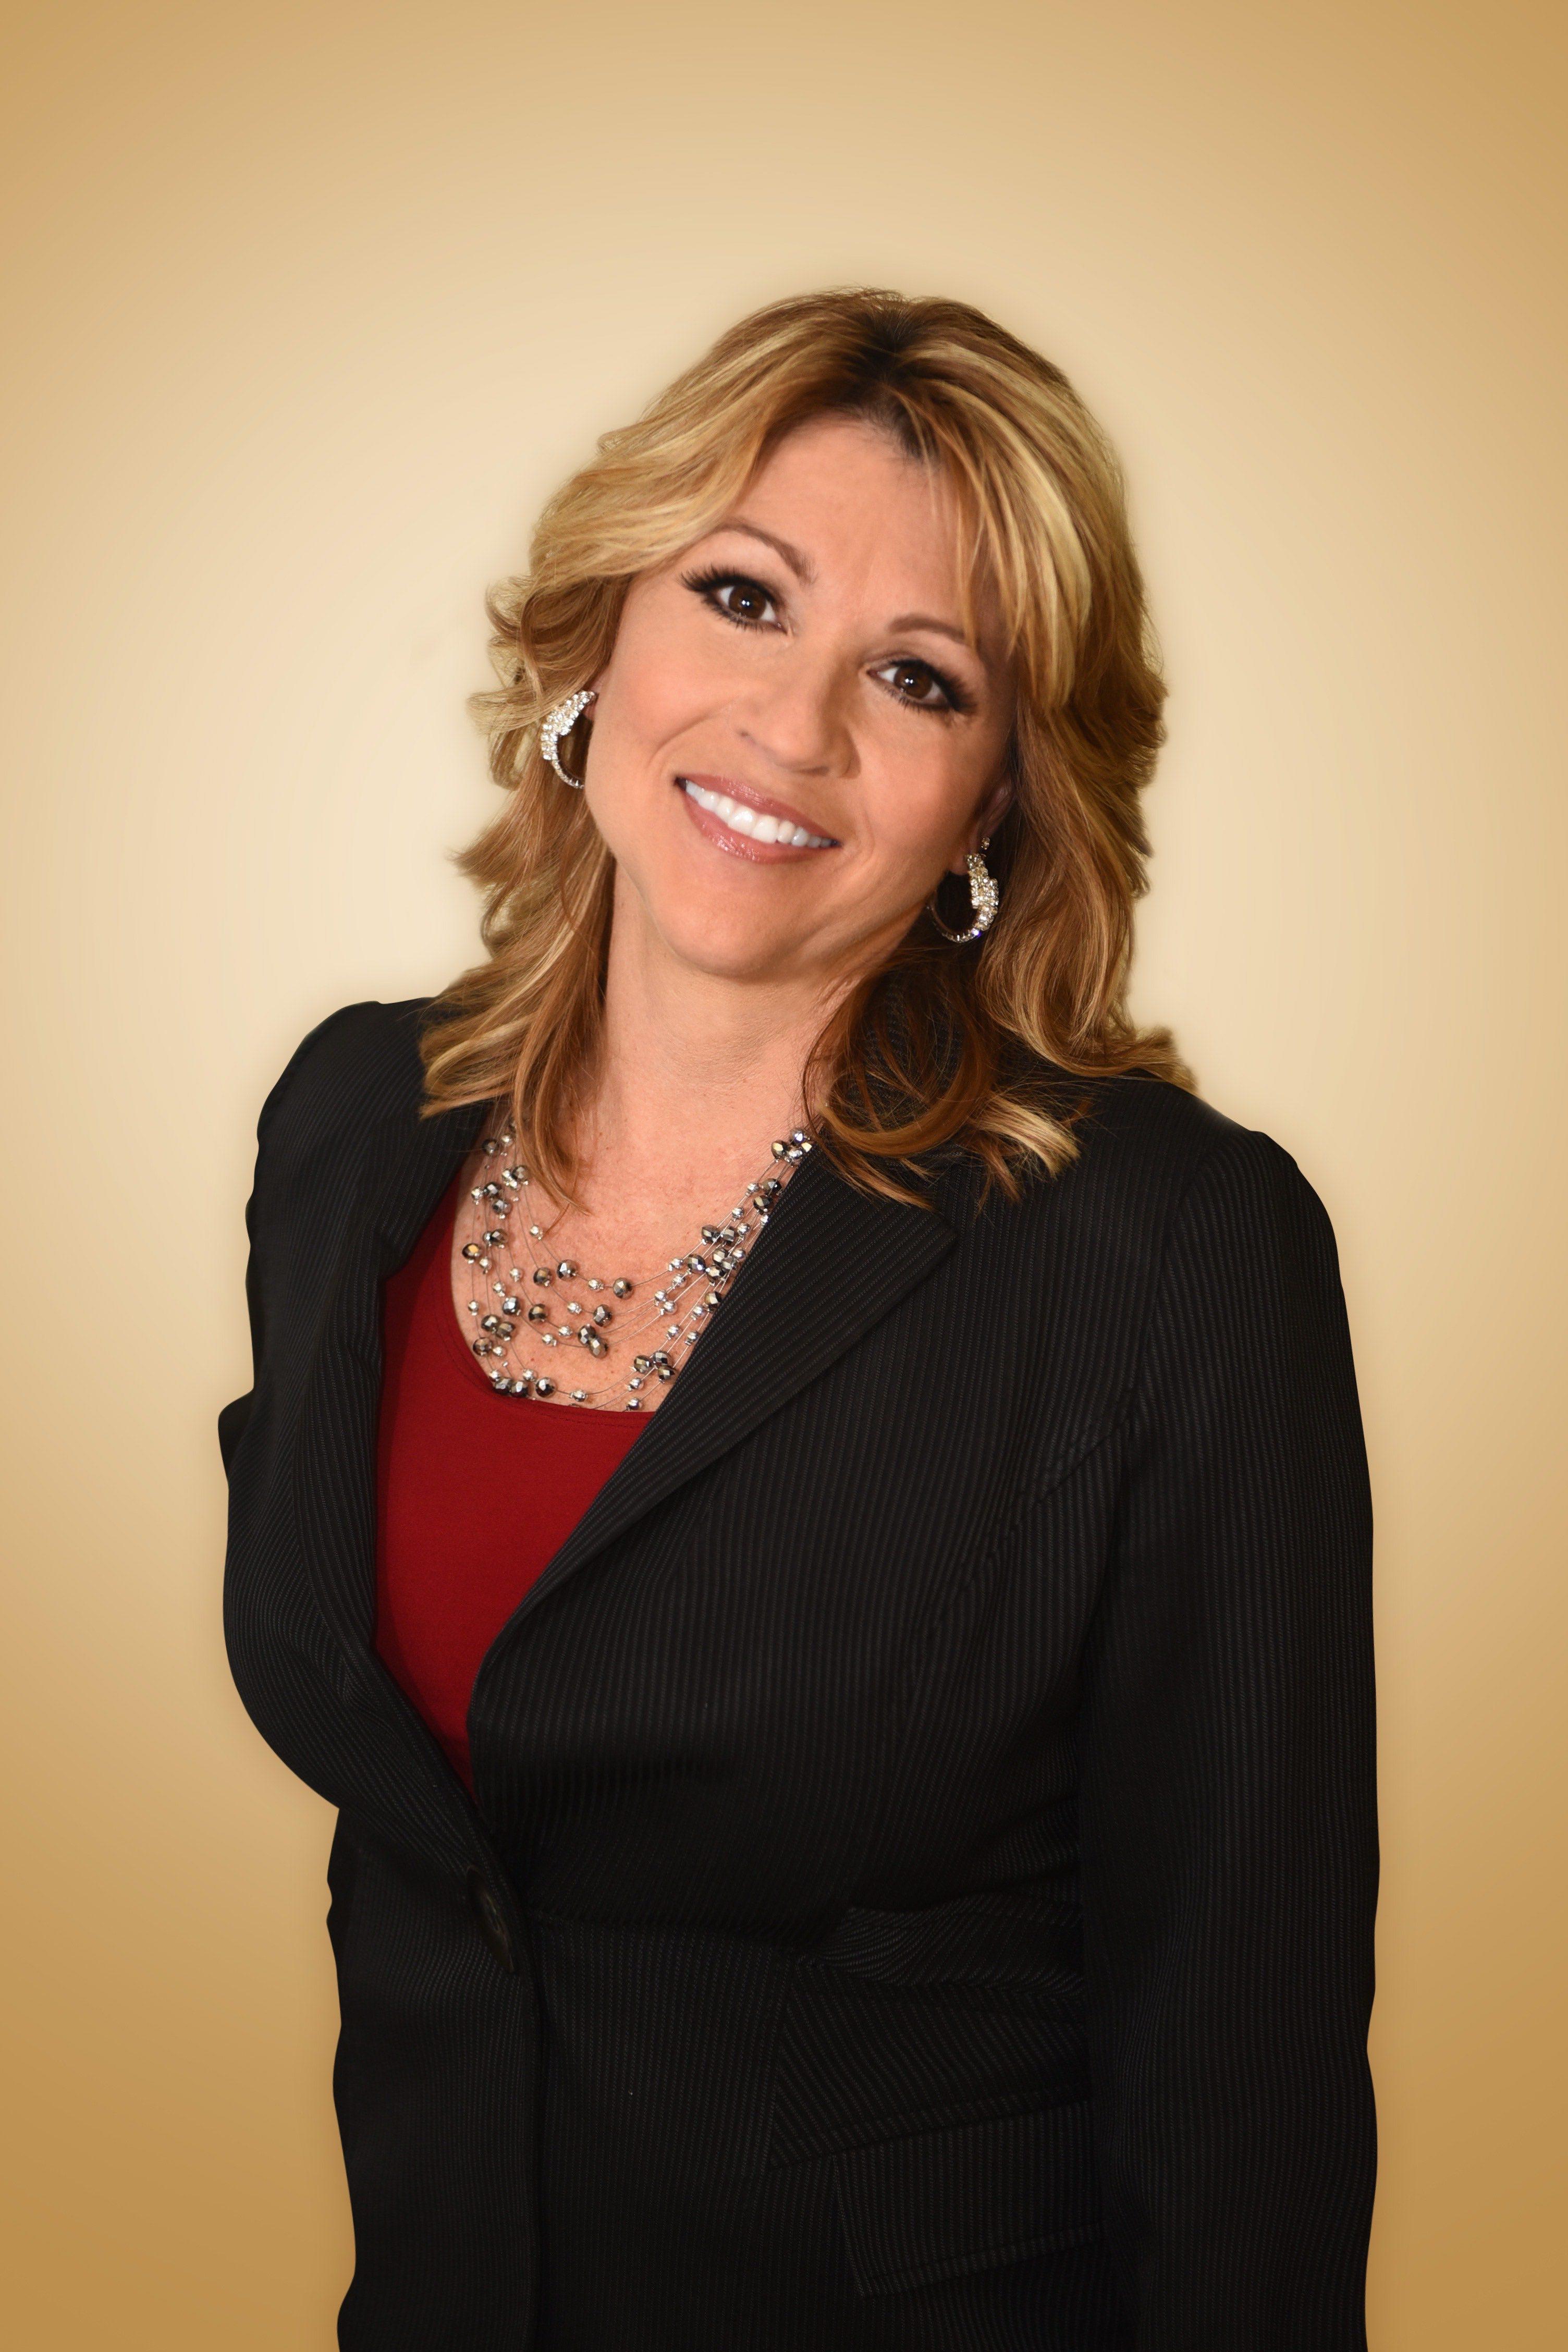 Susan Pilkenton FlippingSuccess.com